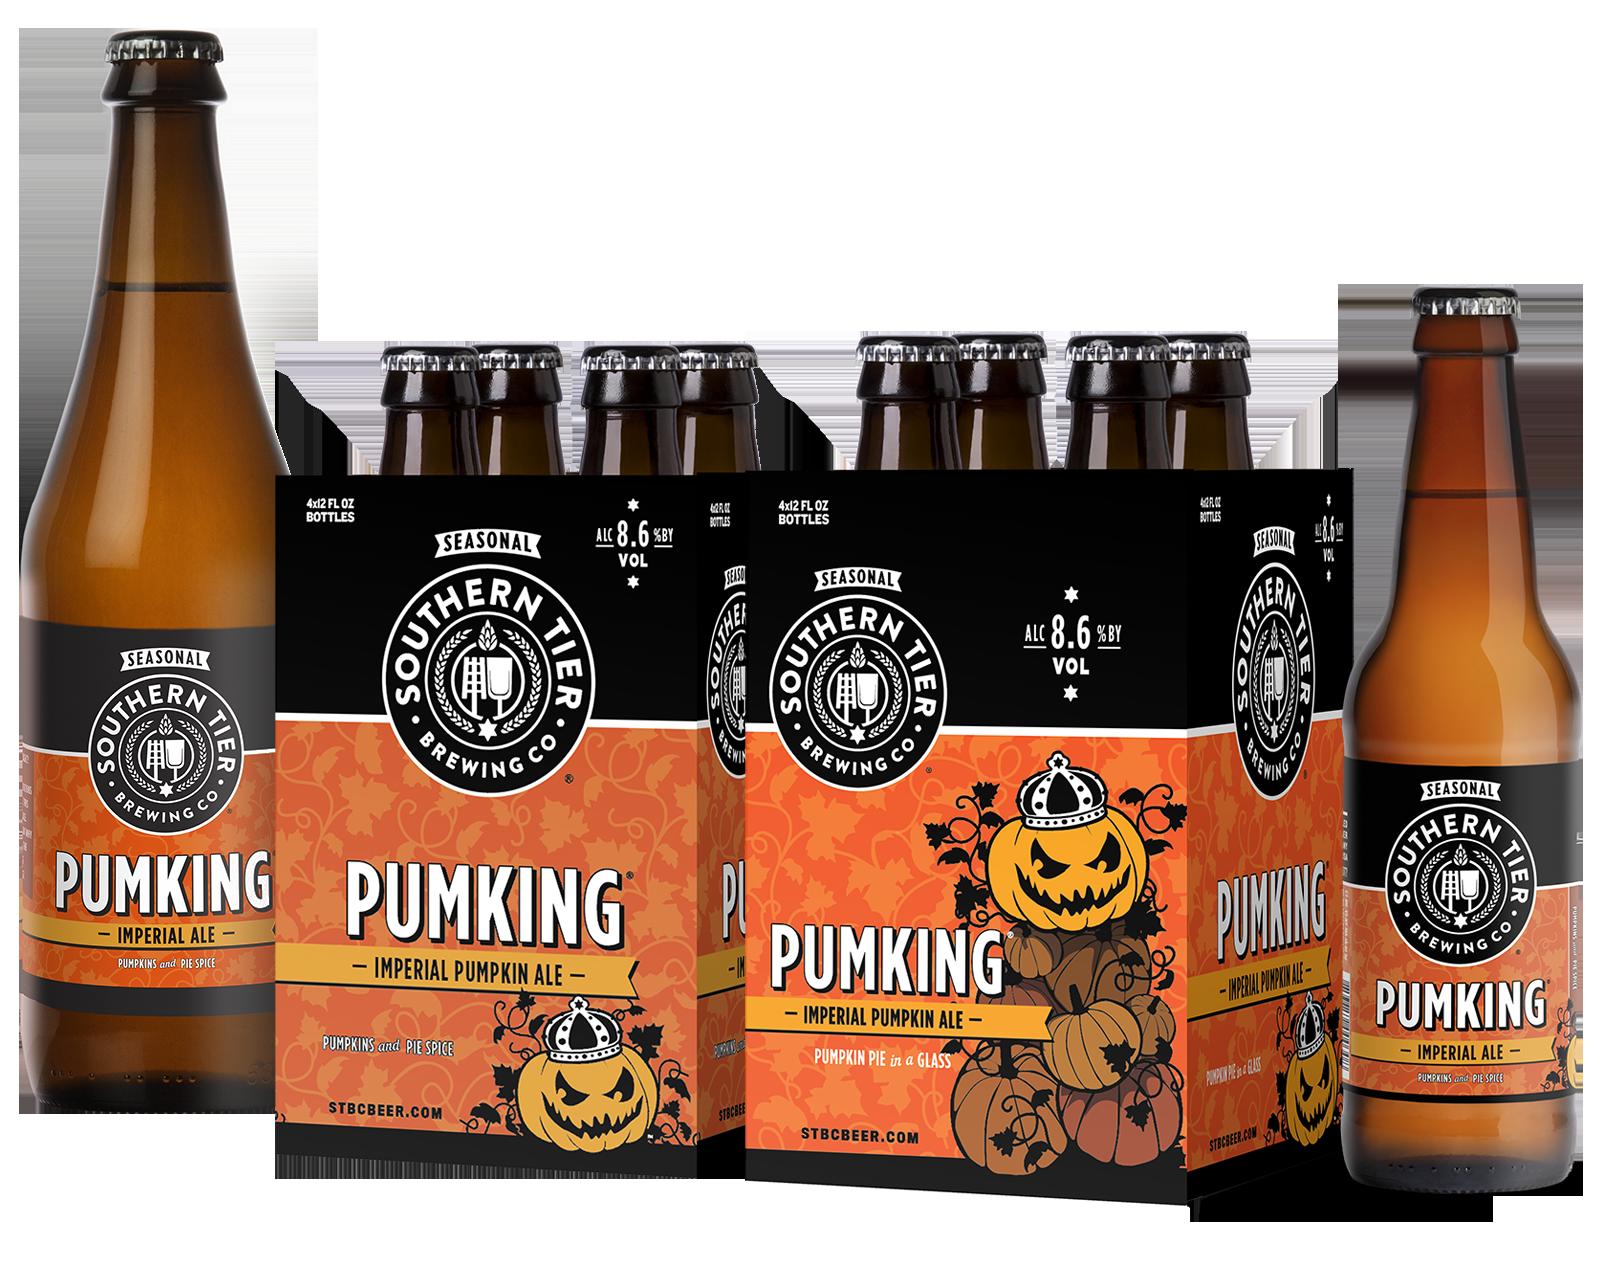 PumkingPackagingAssortment - De la bière à la citrouille